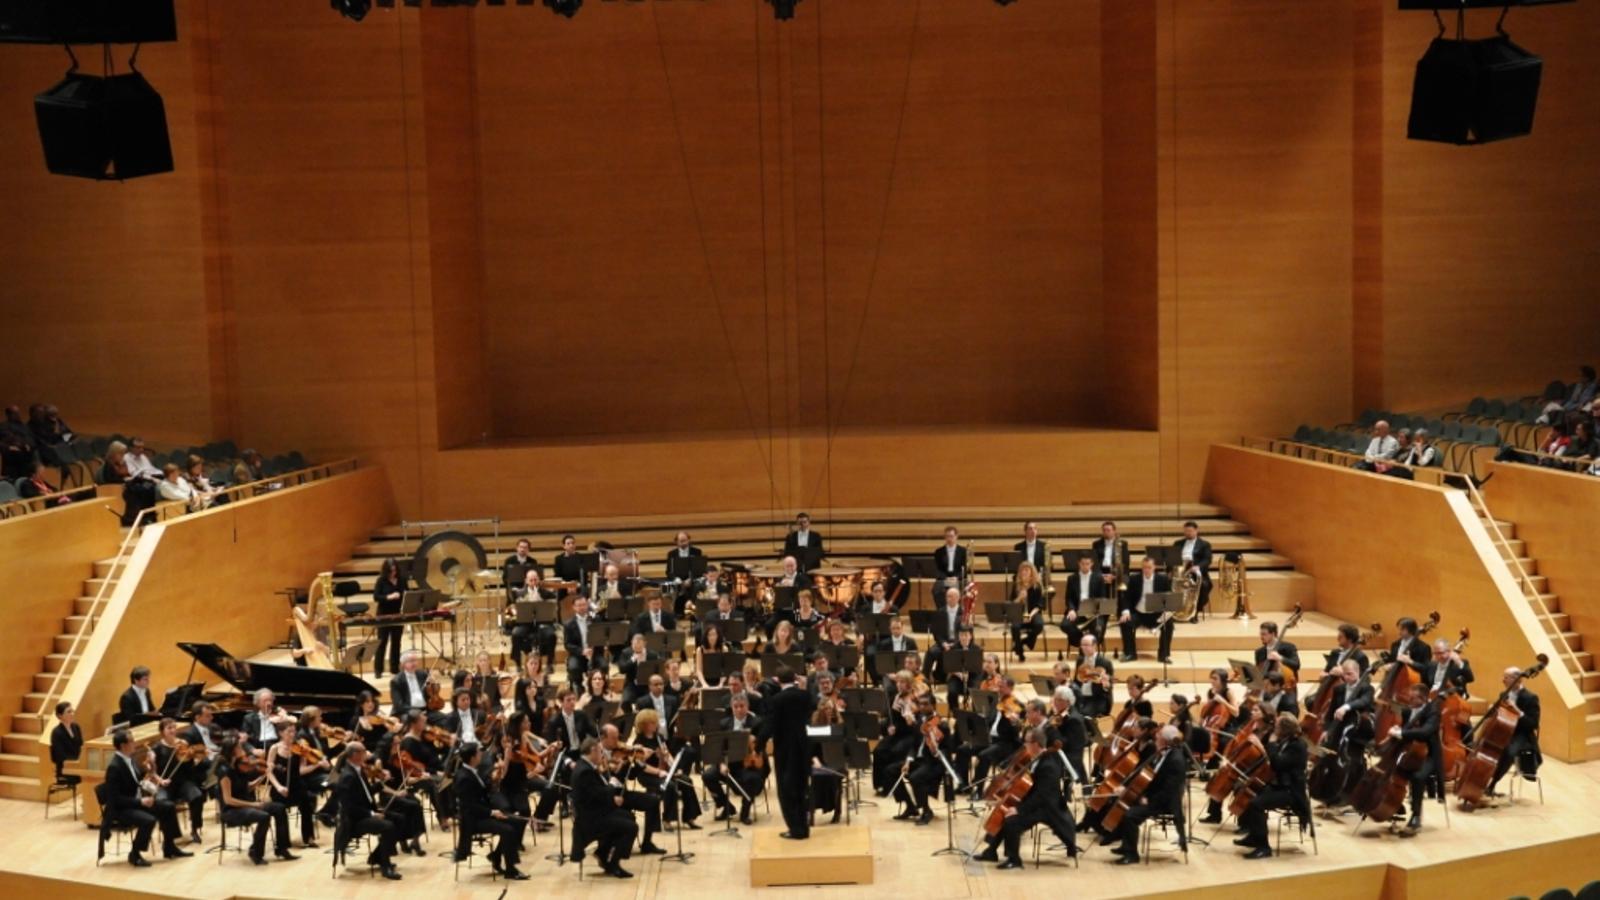 L'Orquesta Simfònica de Barcelona i Nacional de Catalunya (OBC), en una actuació a l'Auditori